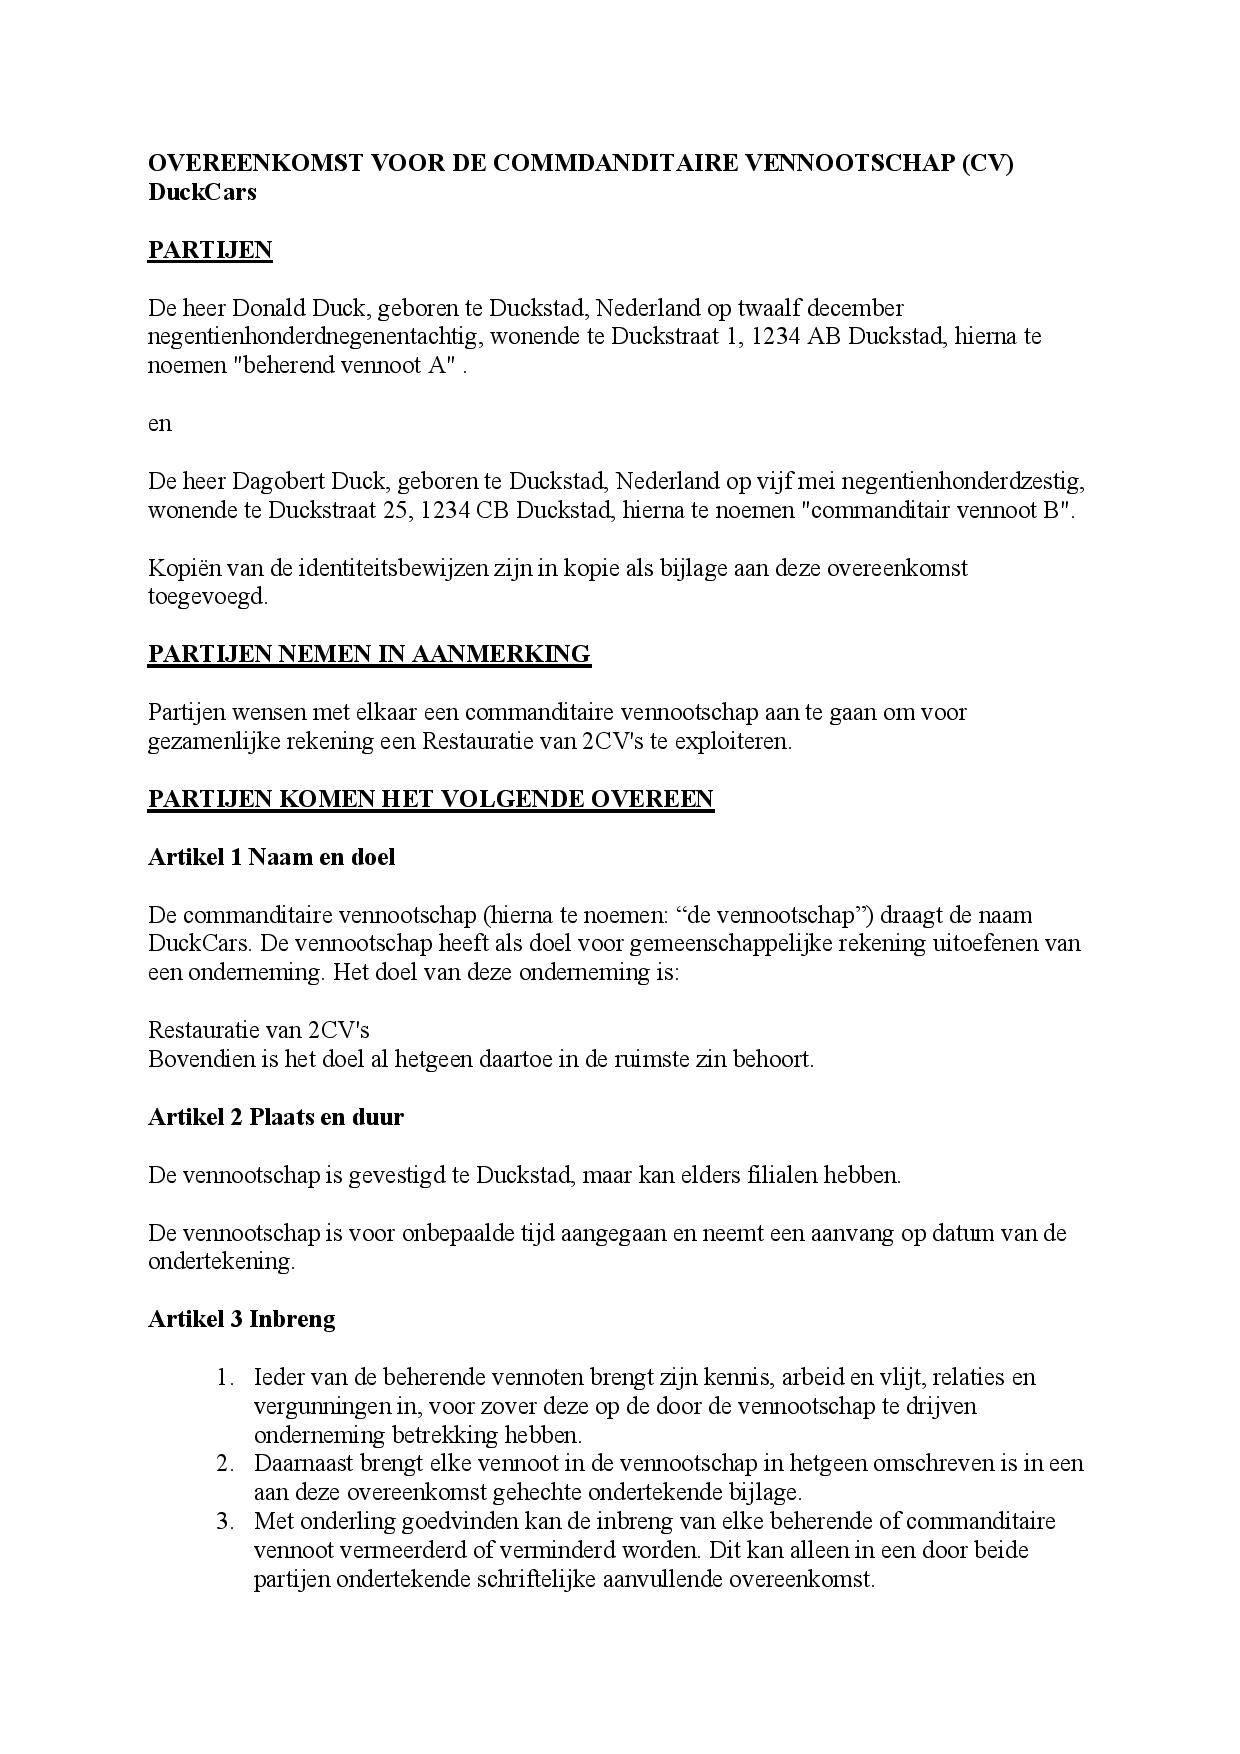 Overeenkomst voor de commanditaire vennootschap CV